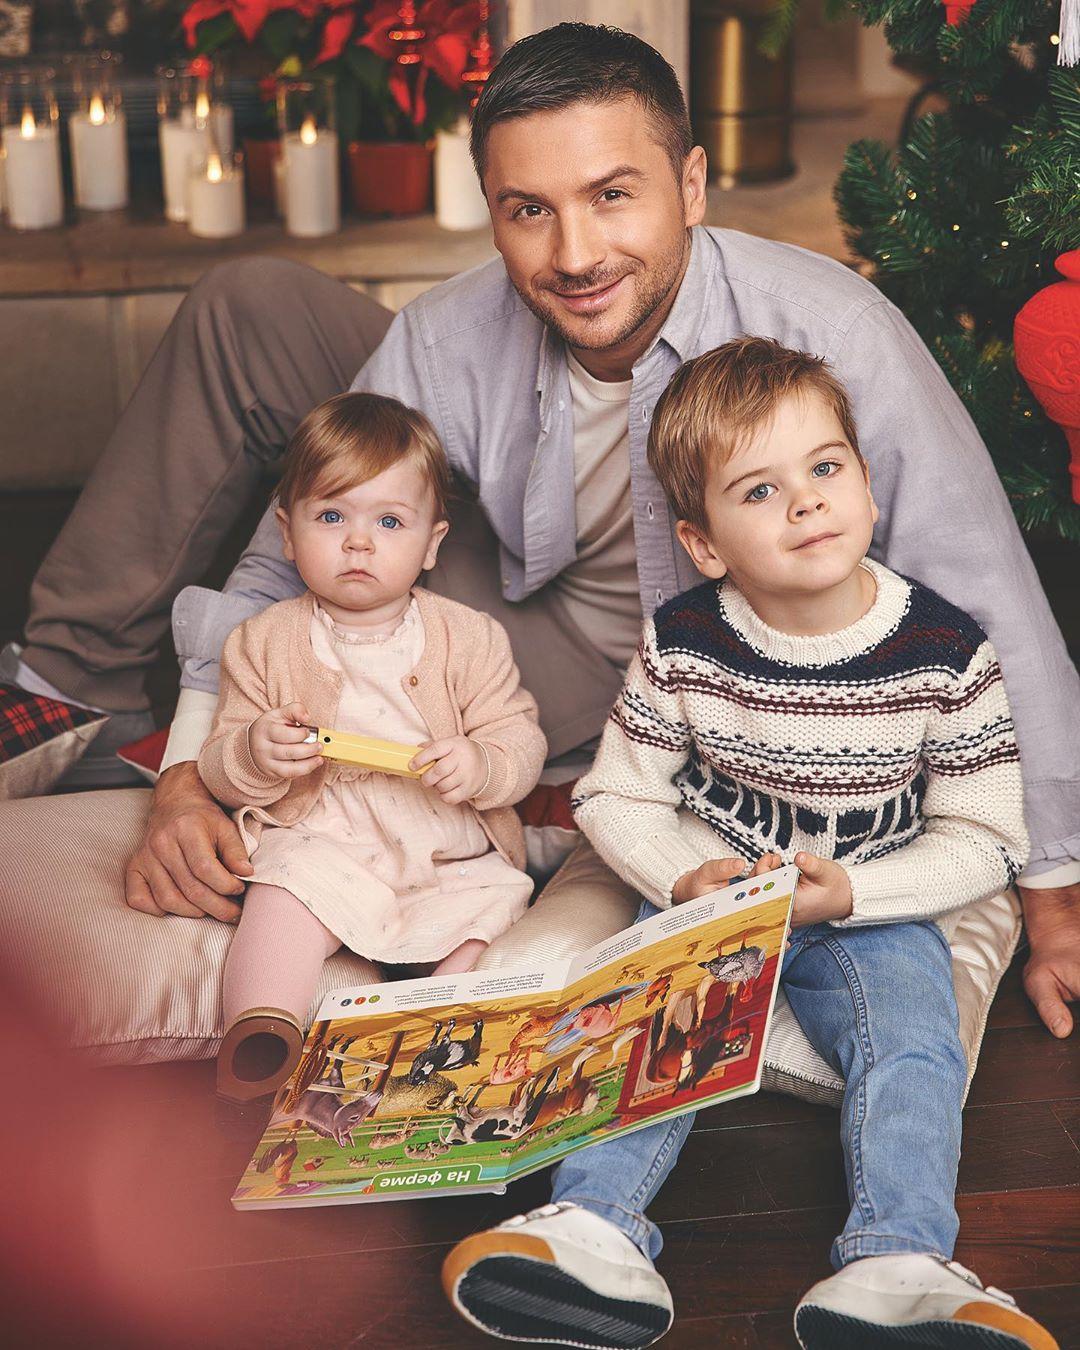 Сергей Лазарев поделился уникальными снимками с детьми.